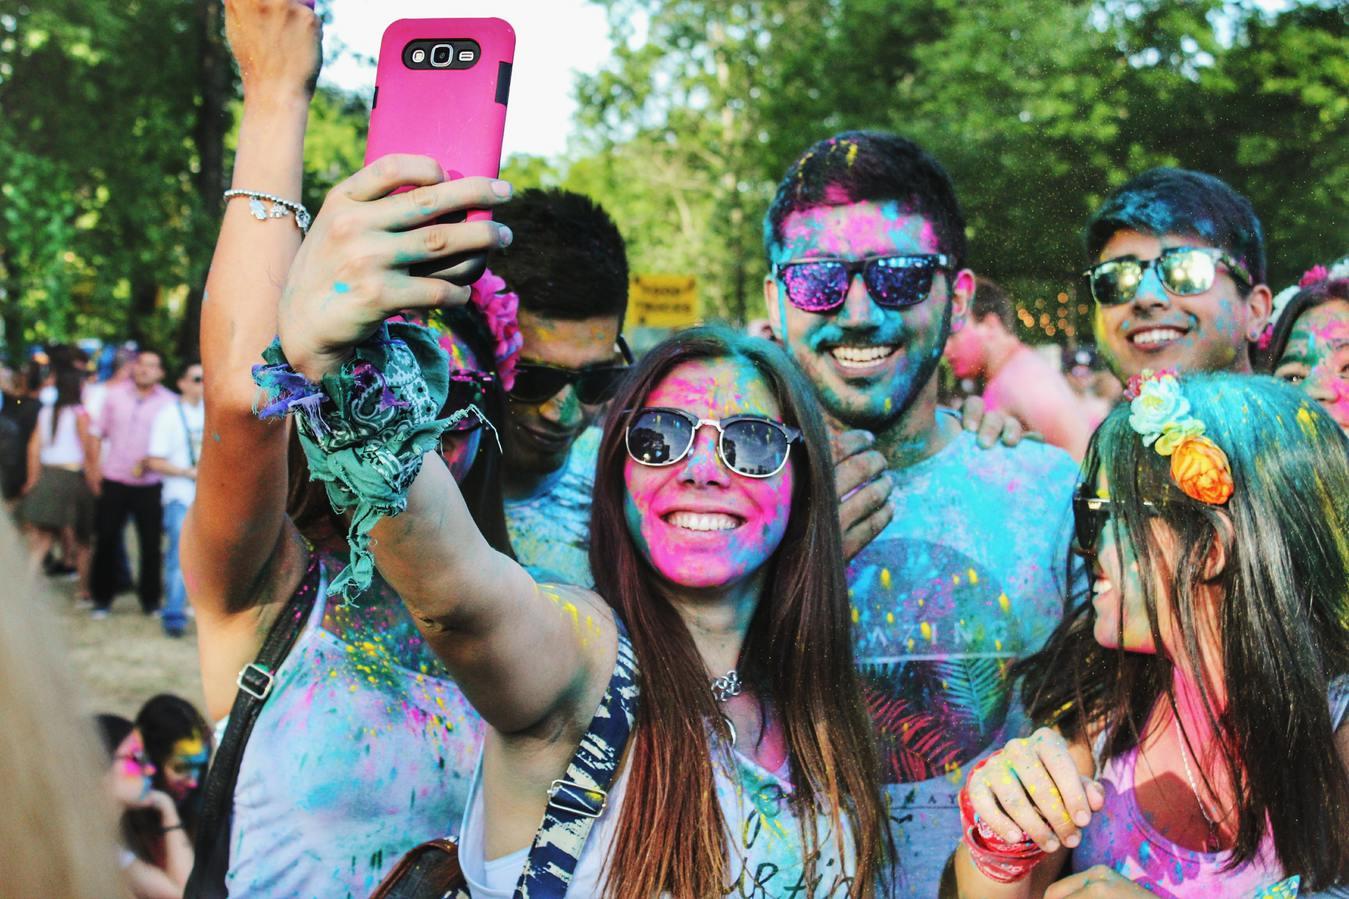 Mensen nemen buiten een selfie